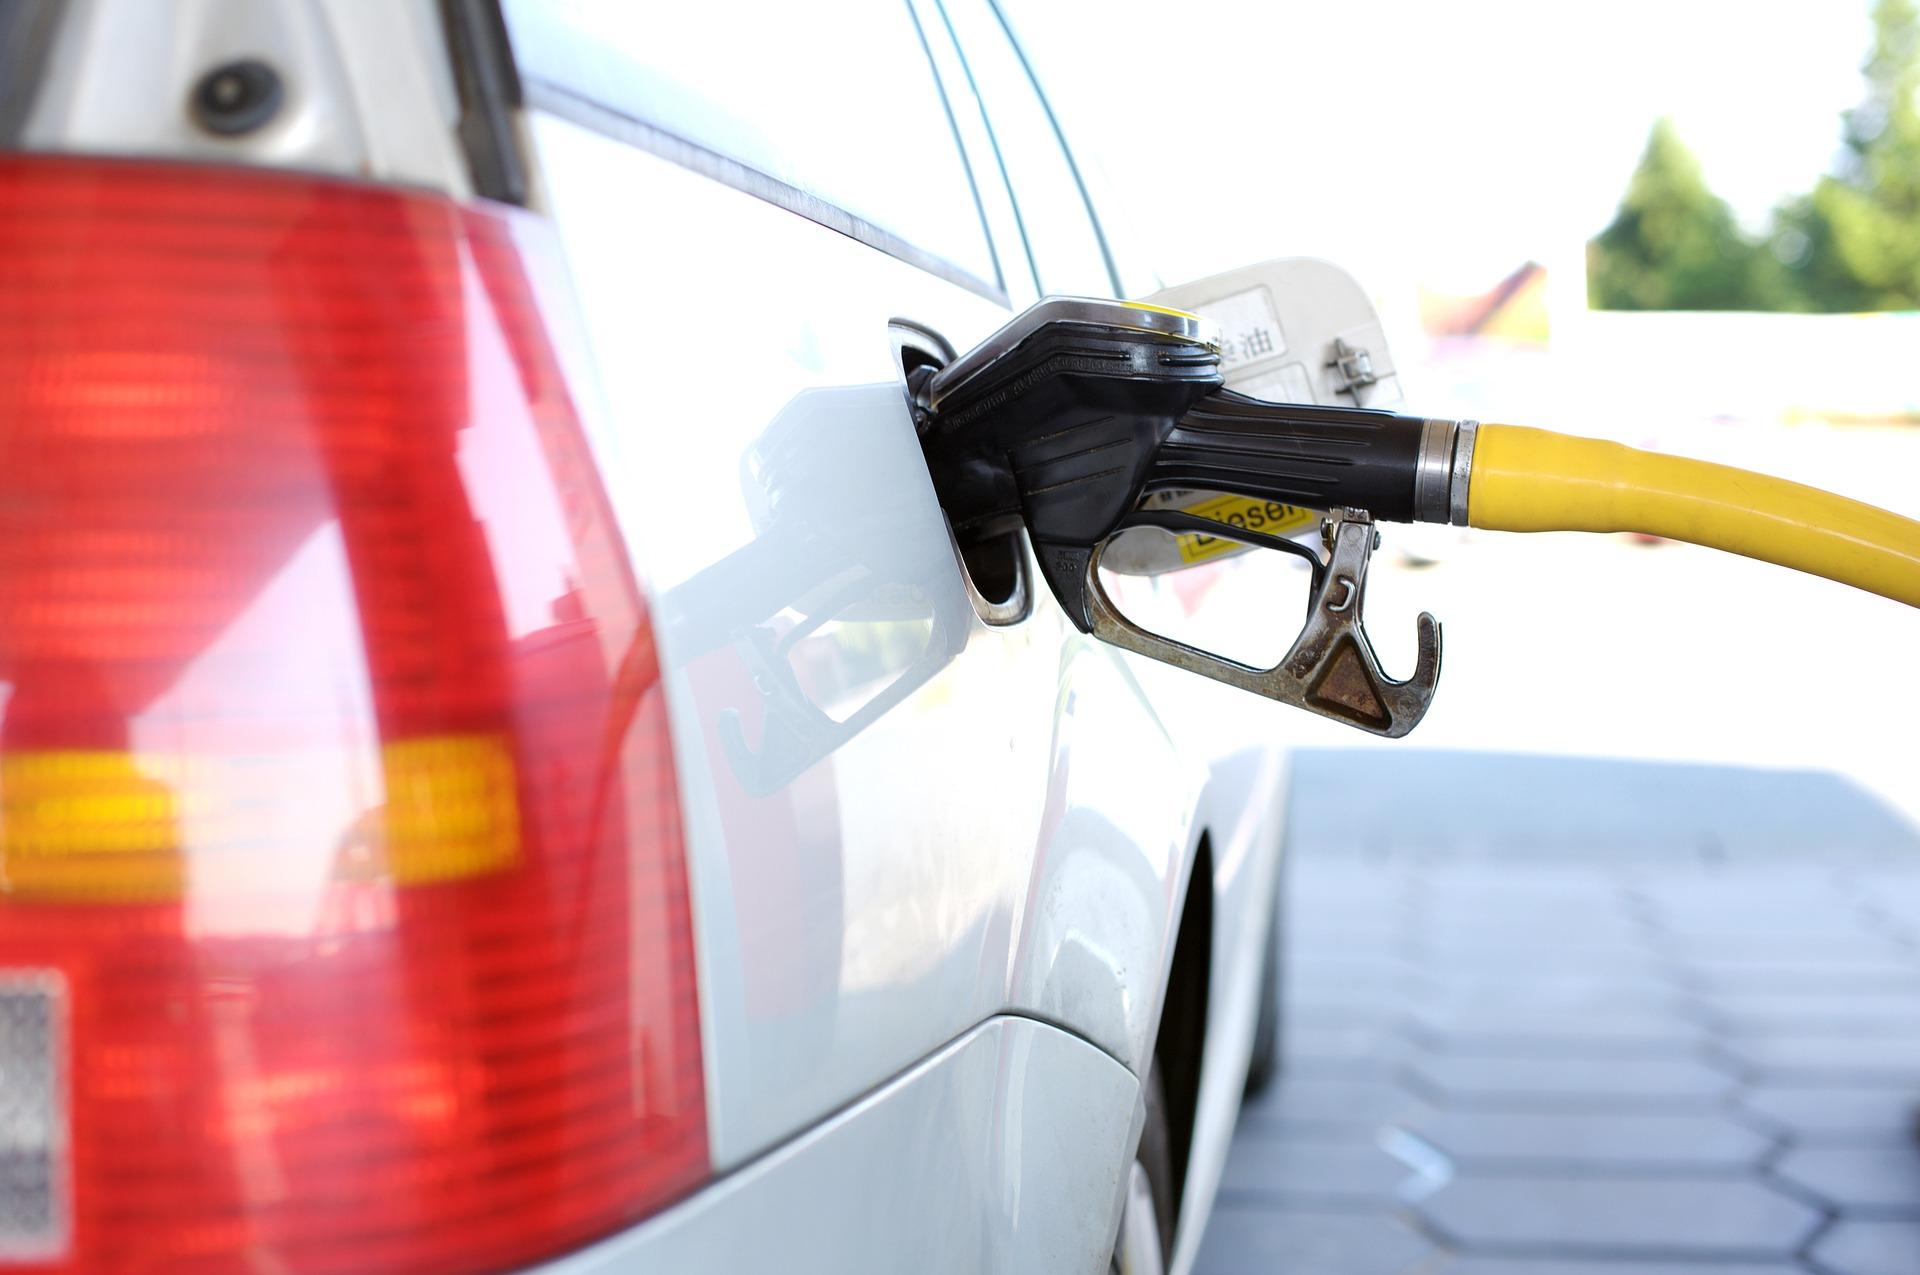 Preço médio da gasolina cai 1,08% na segunda semana de novembro